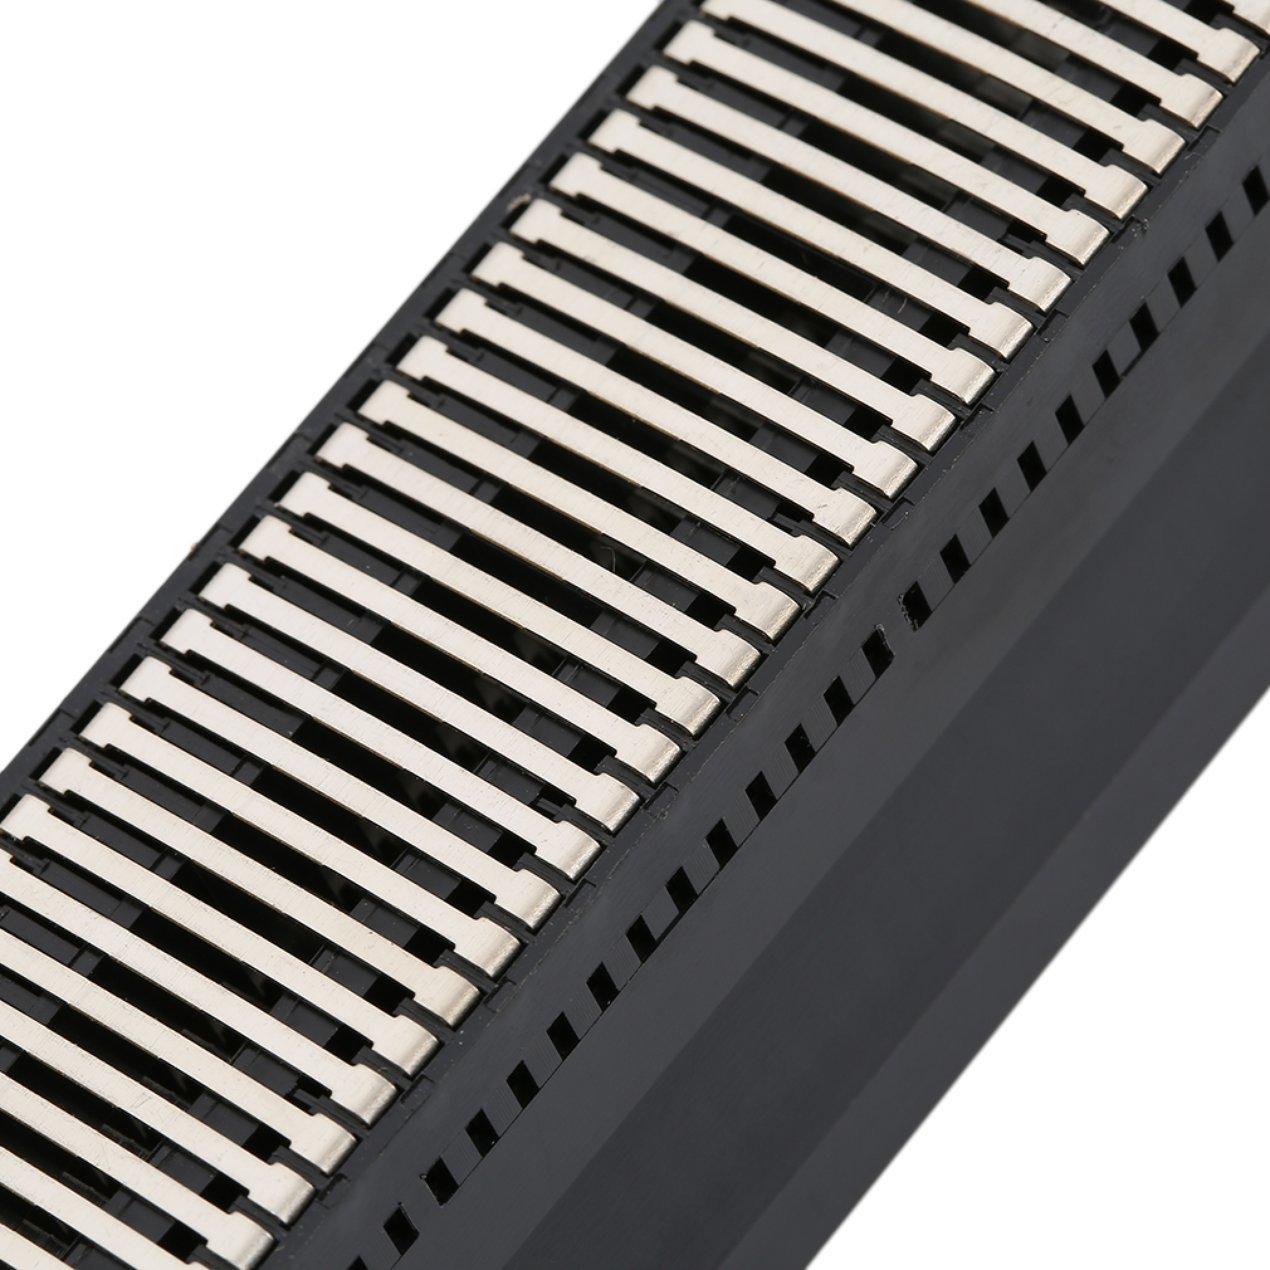 Dooret Conector ranurado DE 72 Pines para el Sistema de Entretenimiento NES Conector Adaptable de Ranuras de Repuesto Resistente Big Wolf Dog